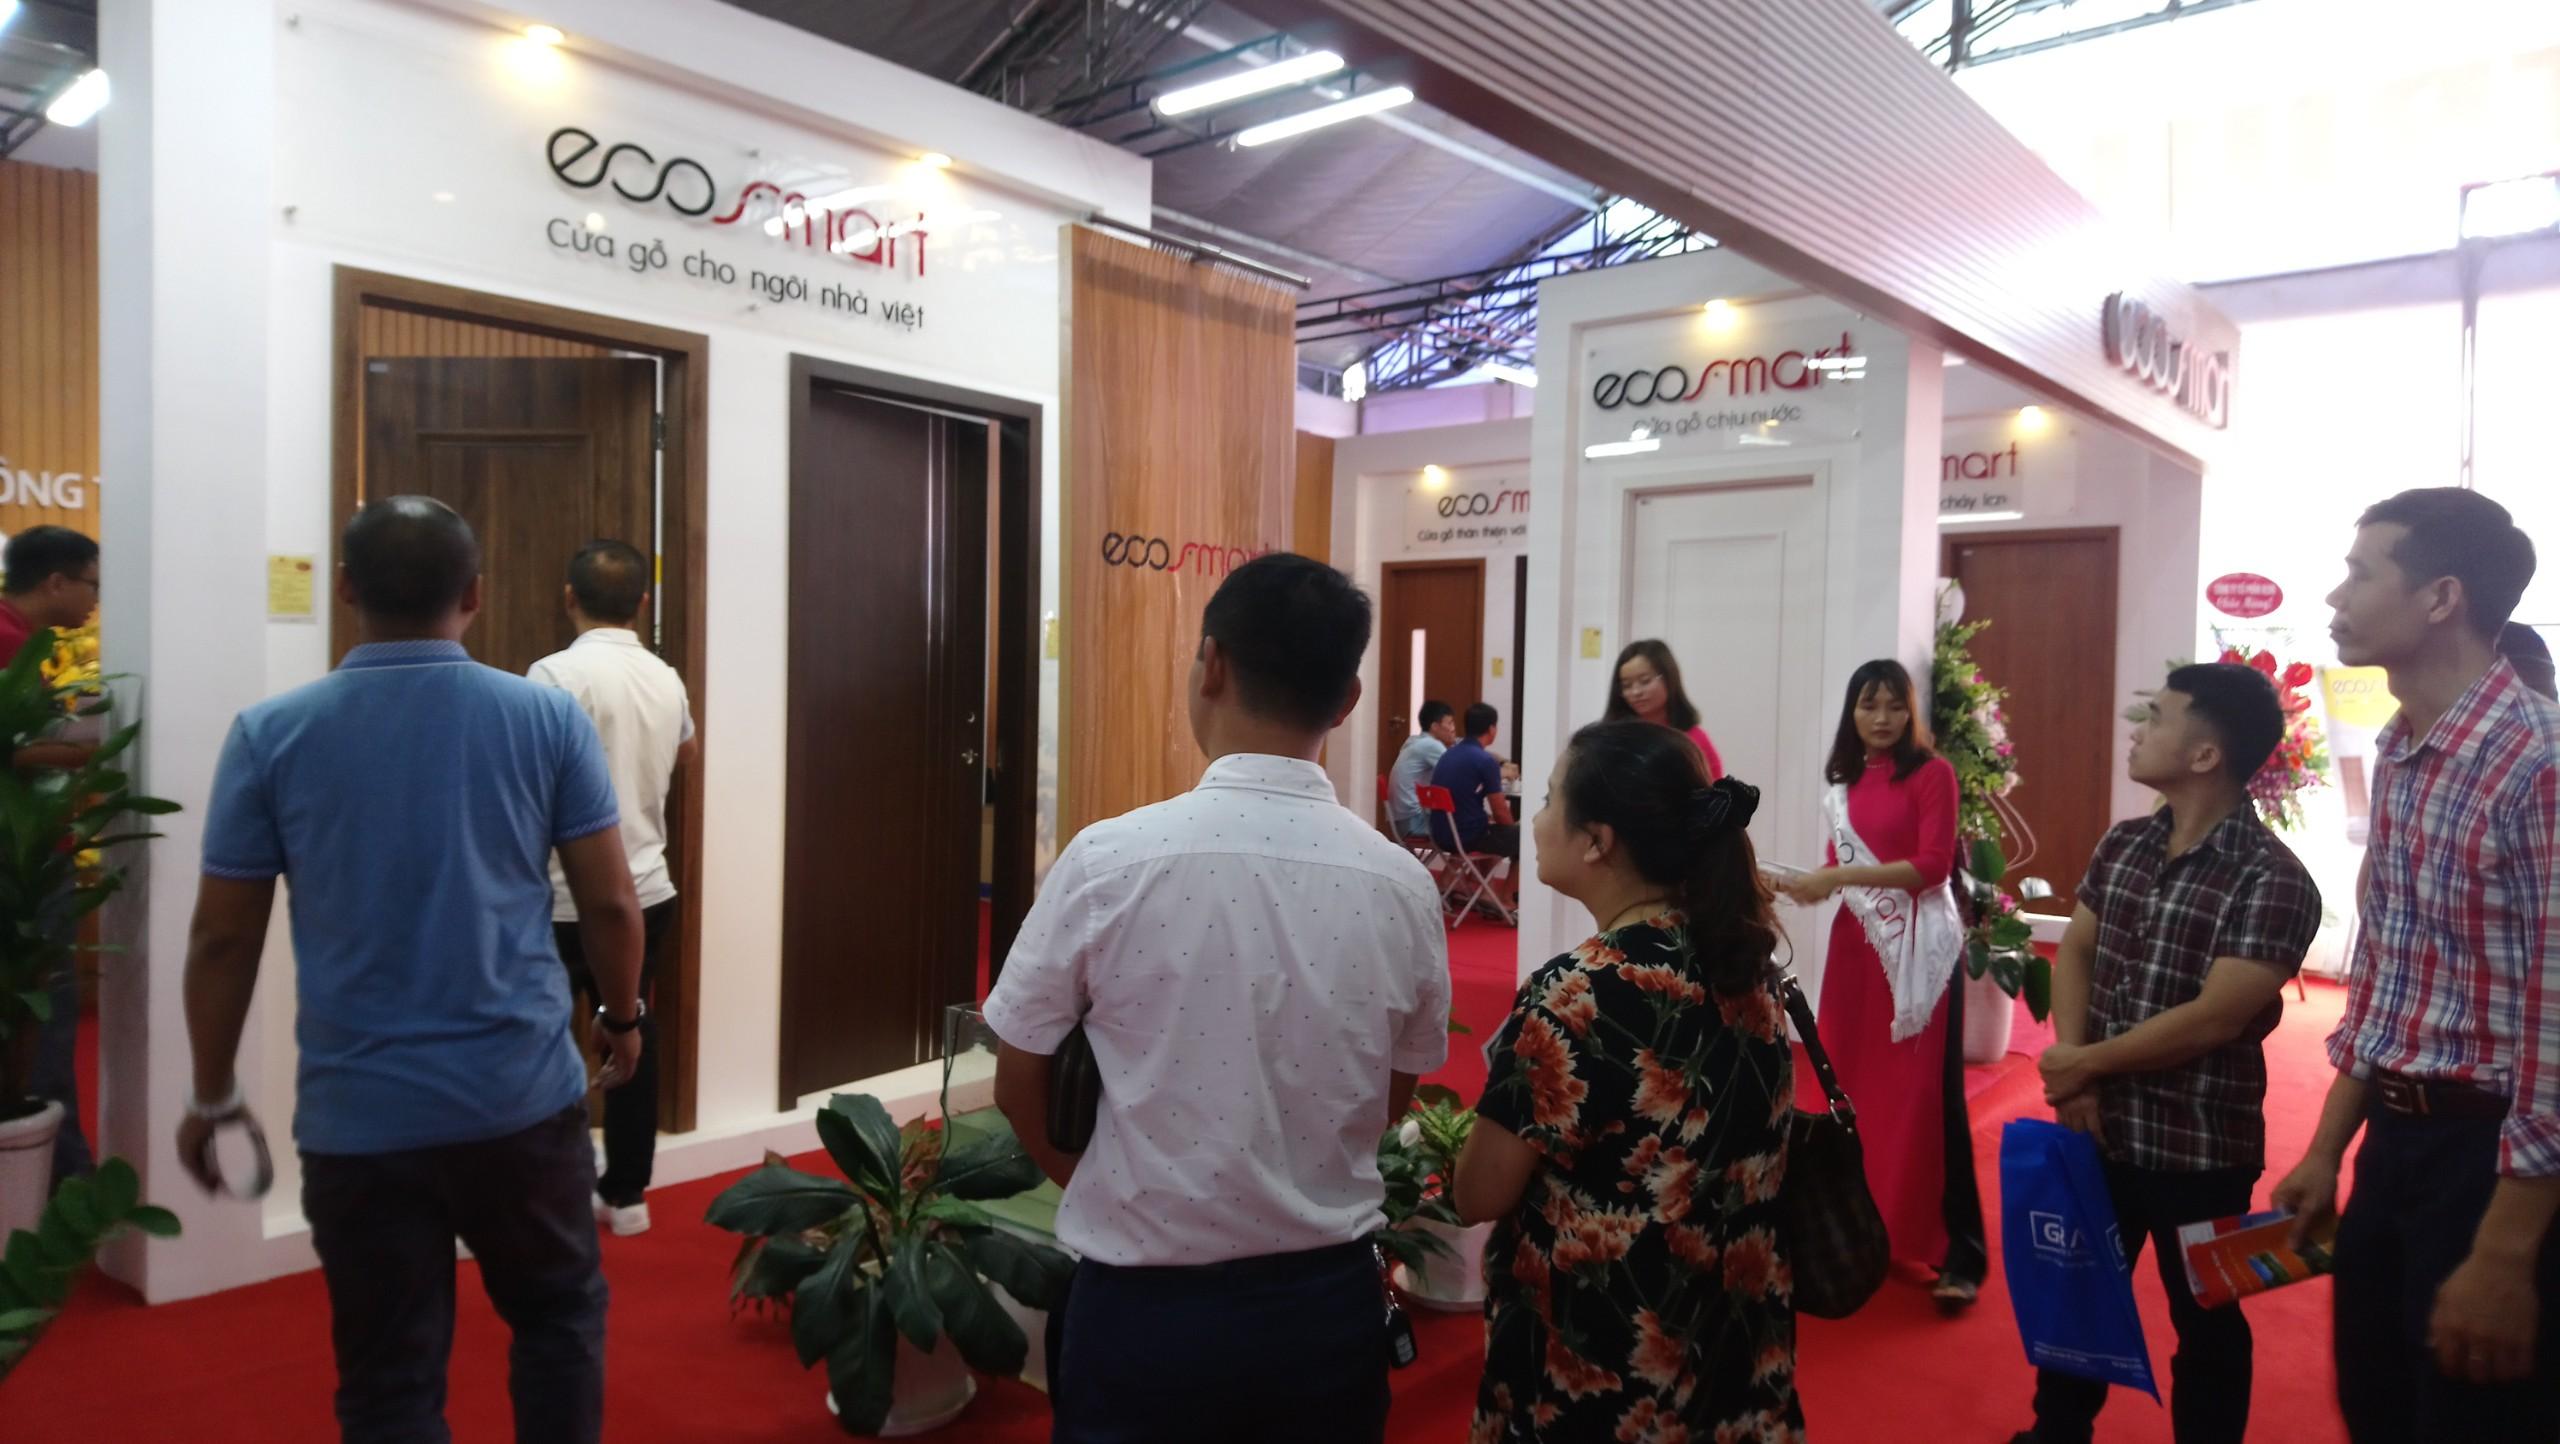 240f0aae65f29bacc2e3 - ECOSMART - Thương hiệu cửa gỗ nhựa Composite thu hút nhiều khách thăm quan tại Vietbuild Hà Nội 2020